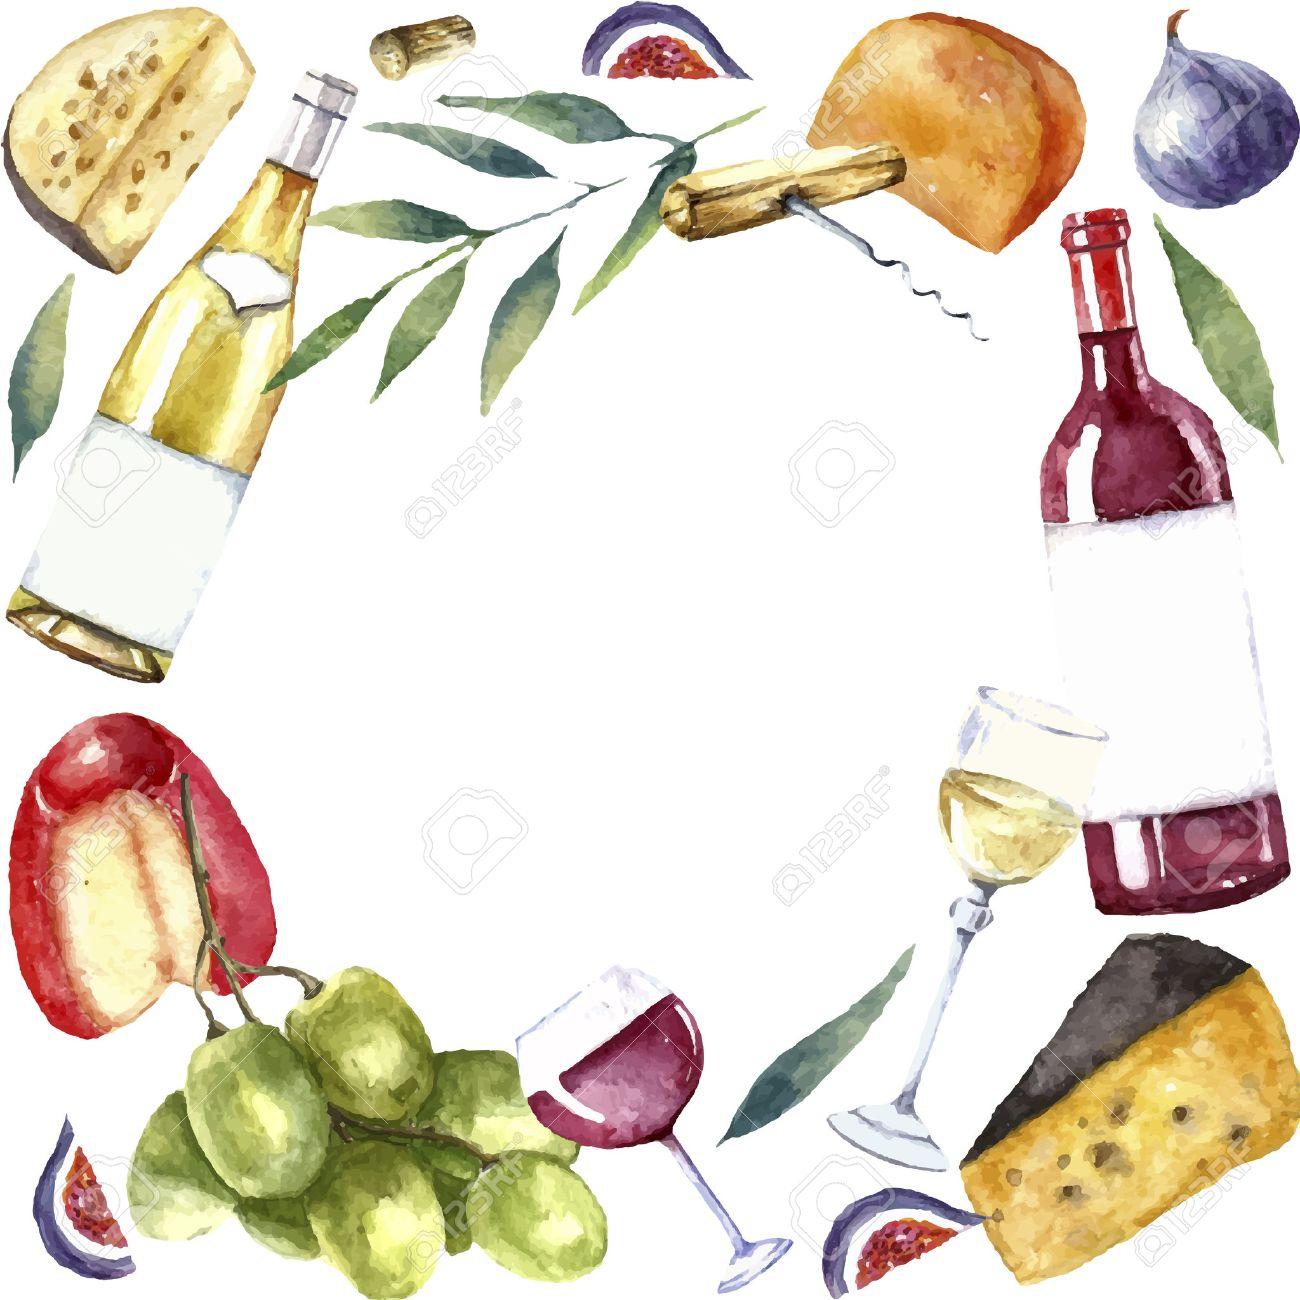 Aquarell Wein Und Käse Rahmen. Runde Rahmen Mit Hand Bemalt Essen ...